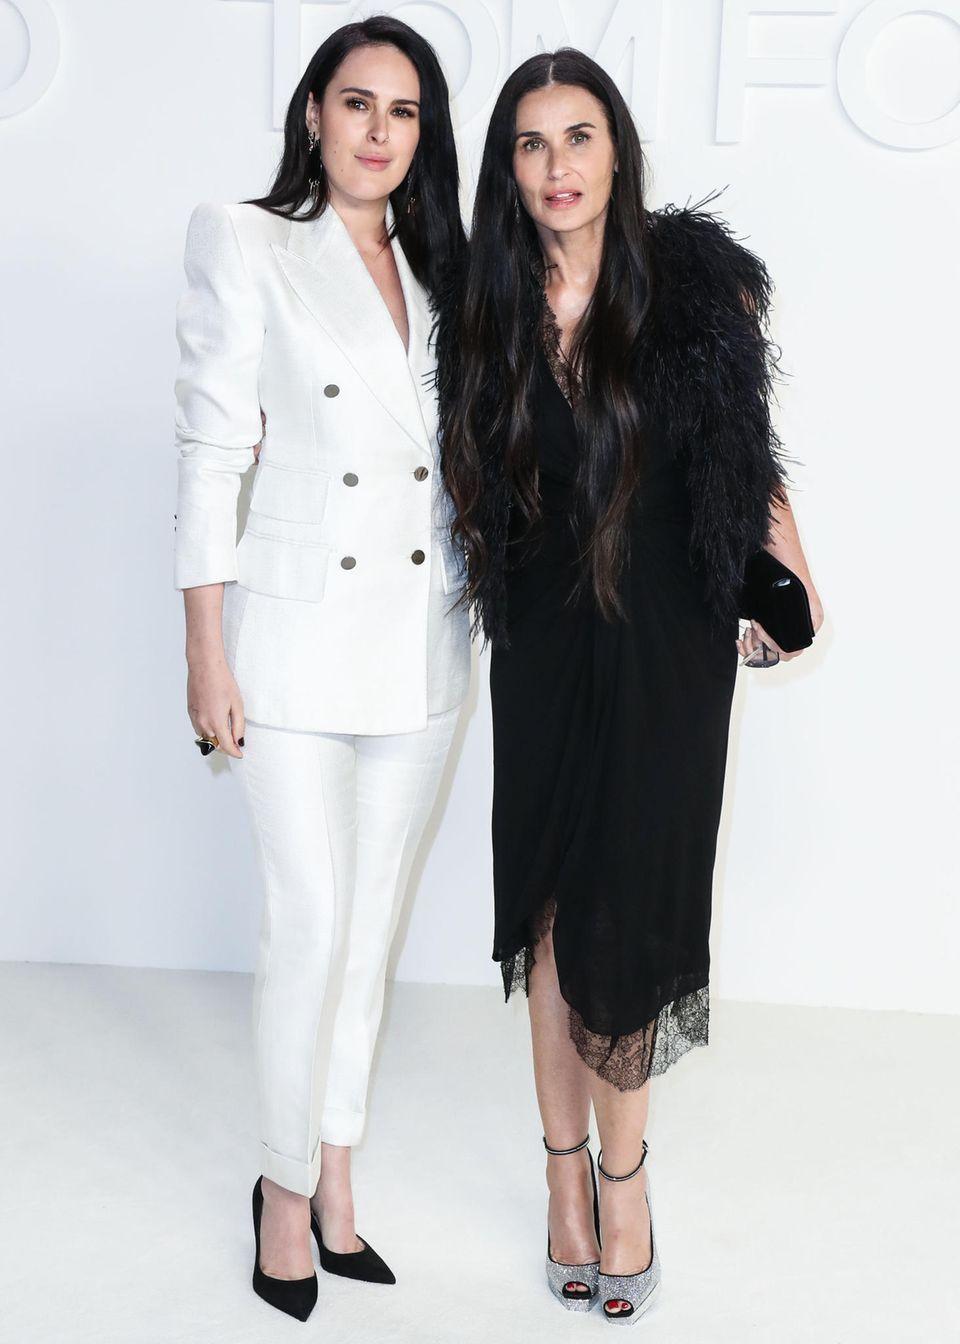 Für die Show des US-amerikanischen Designers sind auch Rumer Willis und Mama Demi Moore angereist.